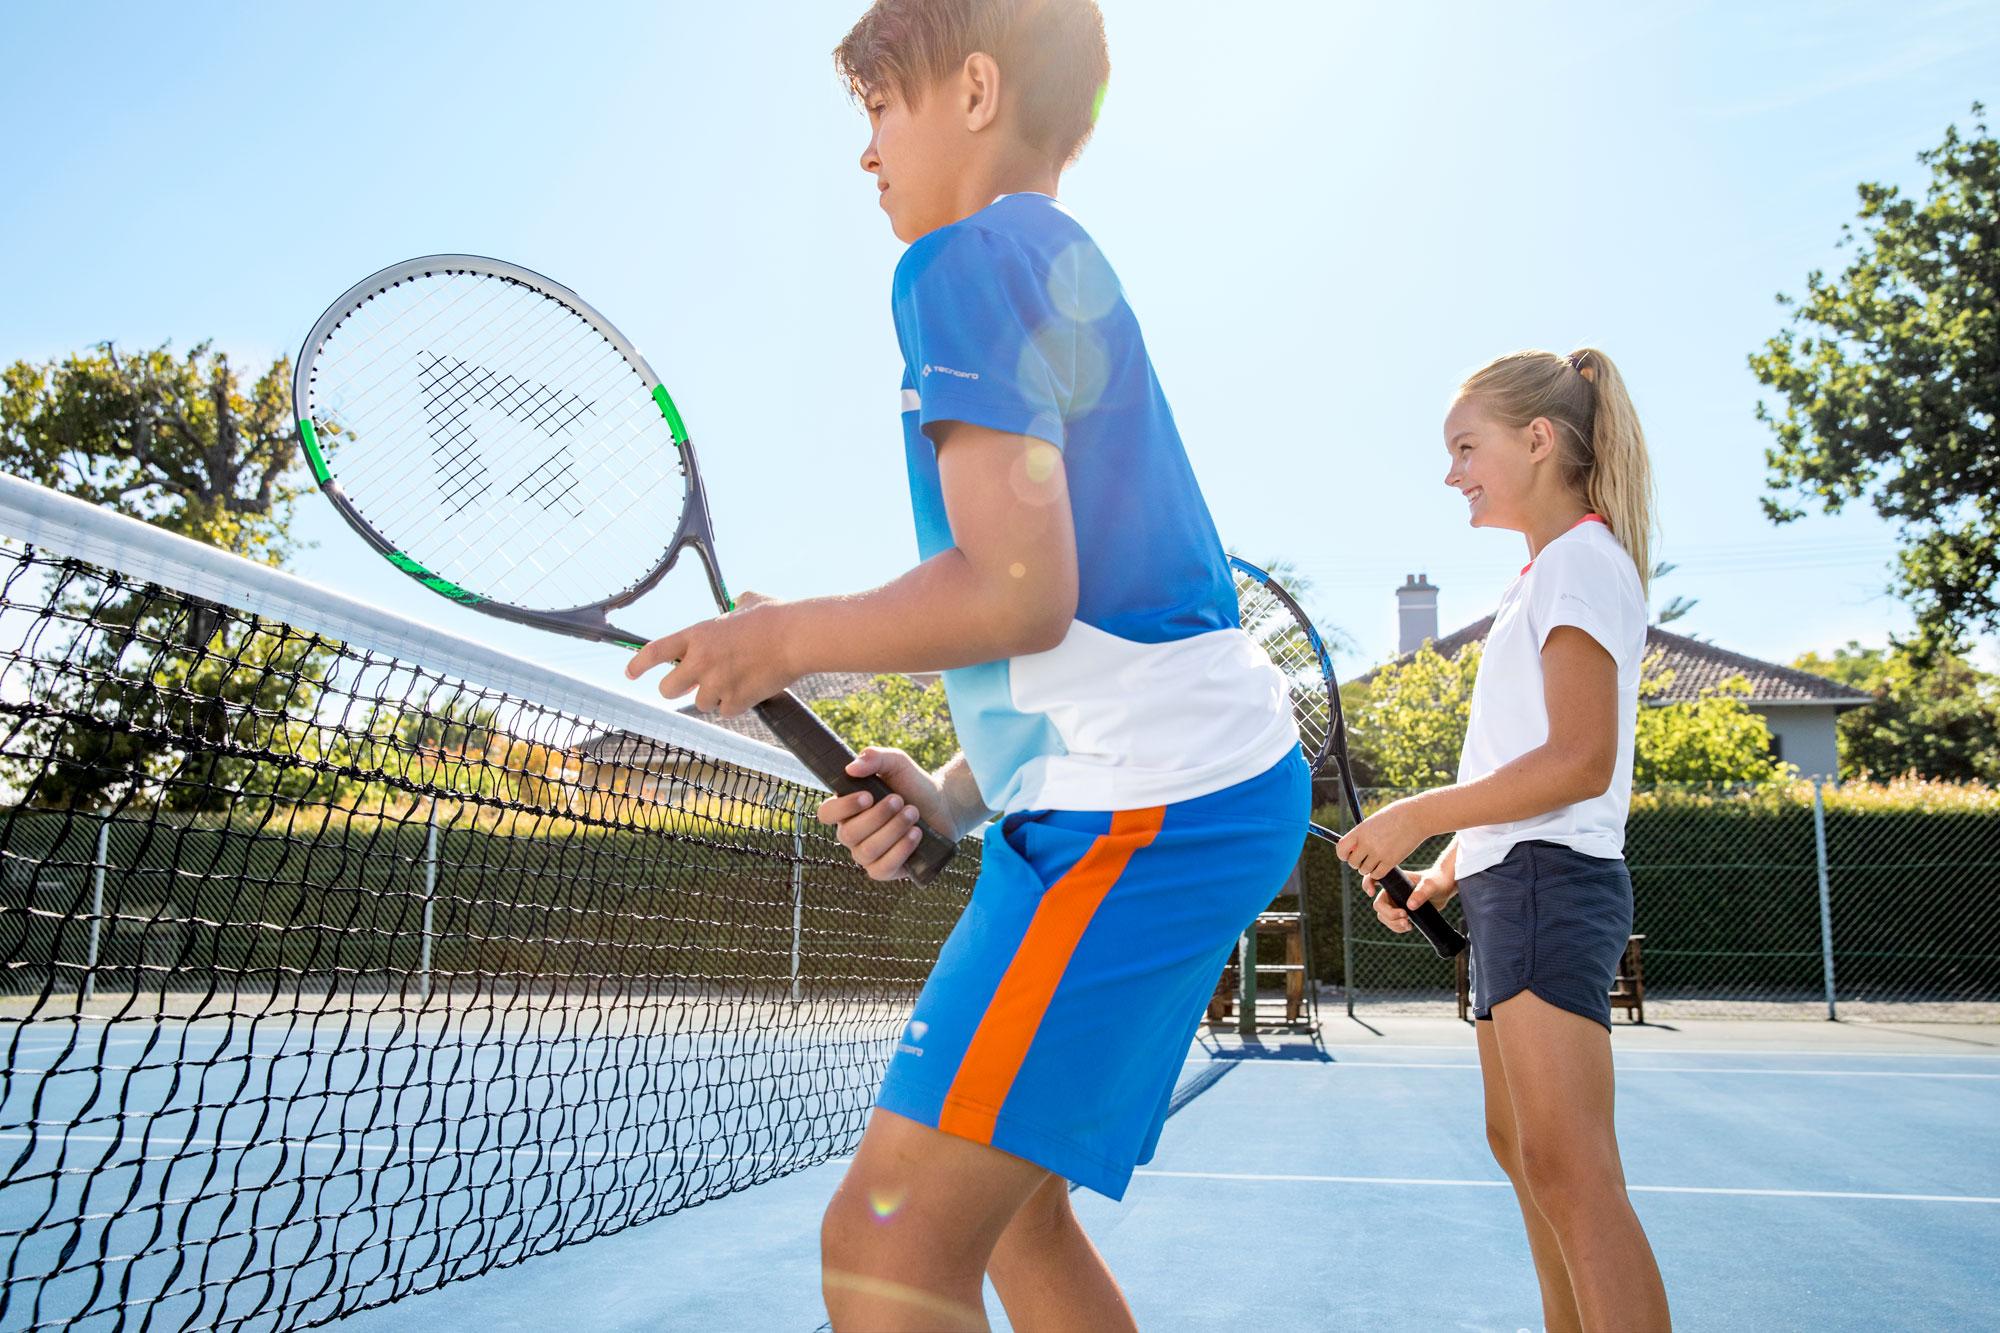 buy online 6f872 a14ff Tennisschuhe & Tennisausrüstung für Kinder | Tipps | INTERSPORT